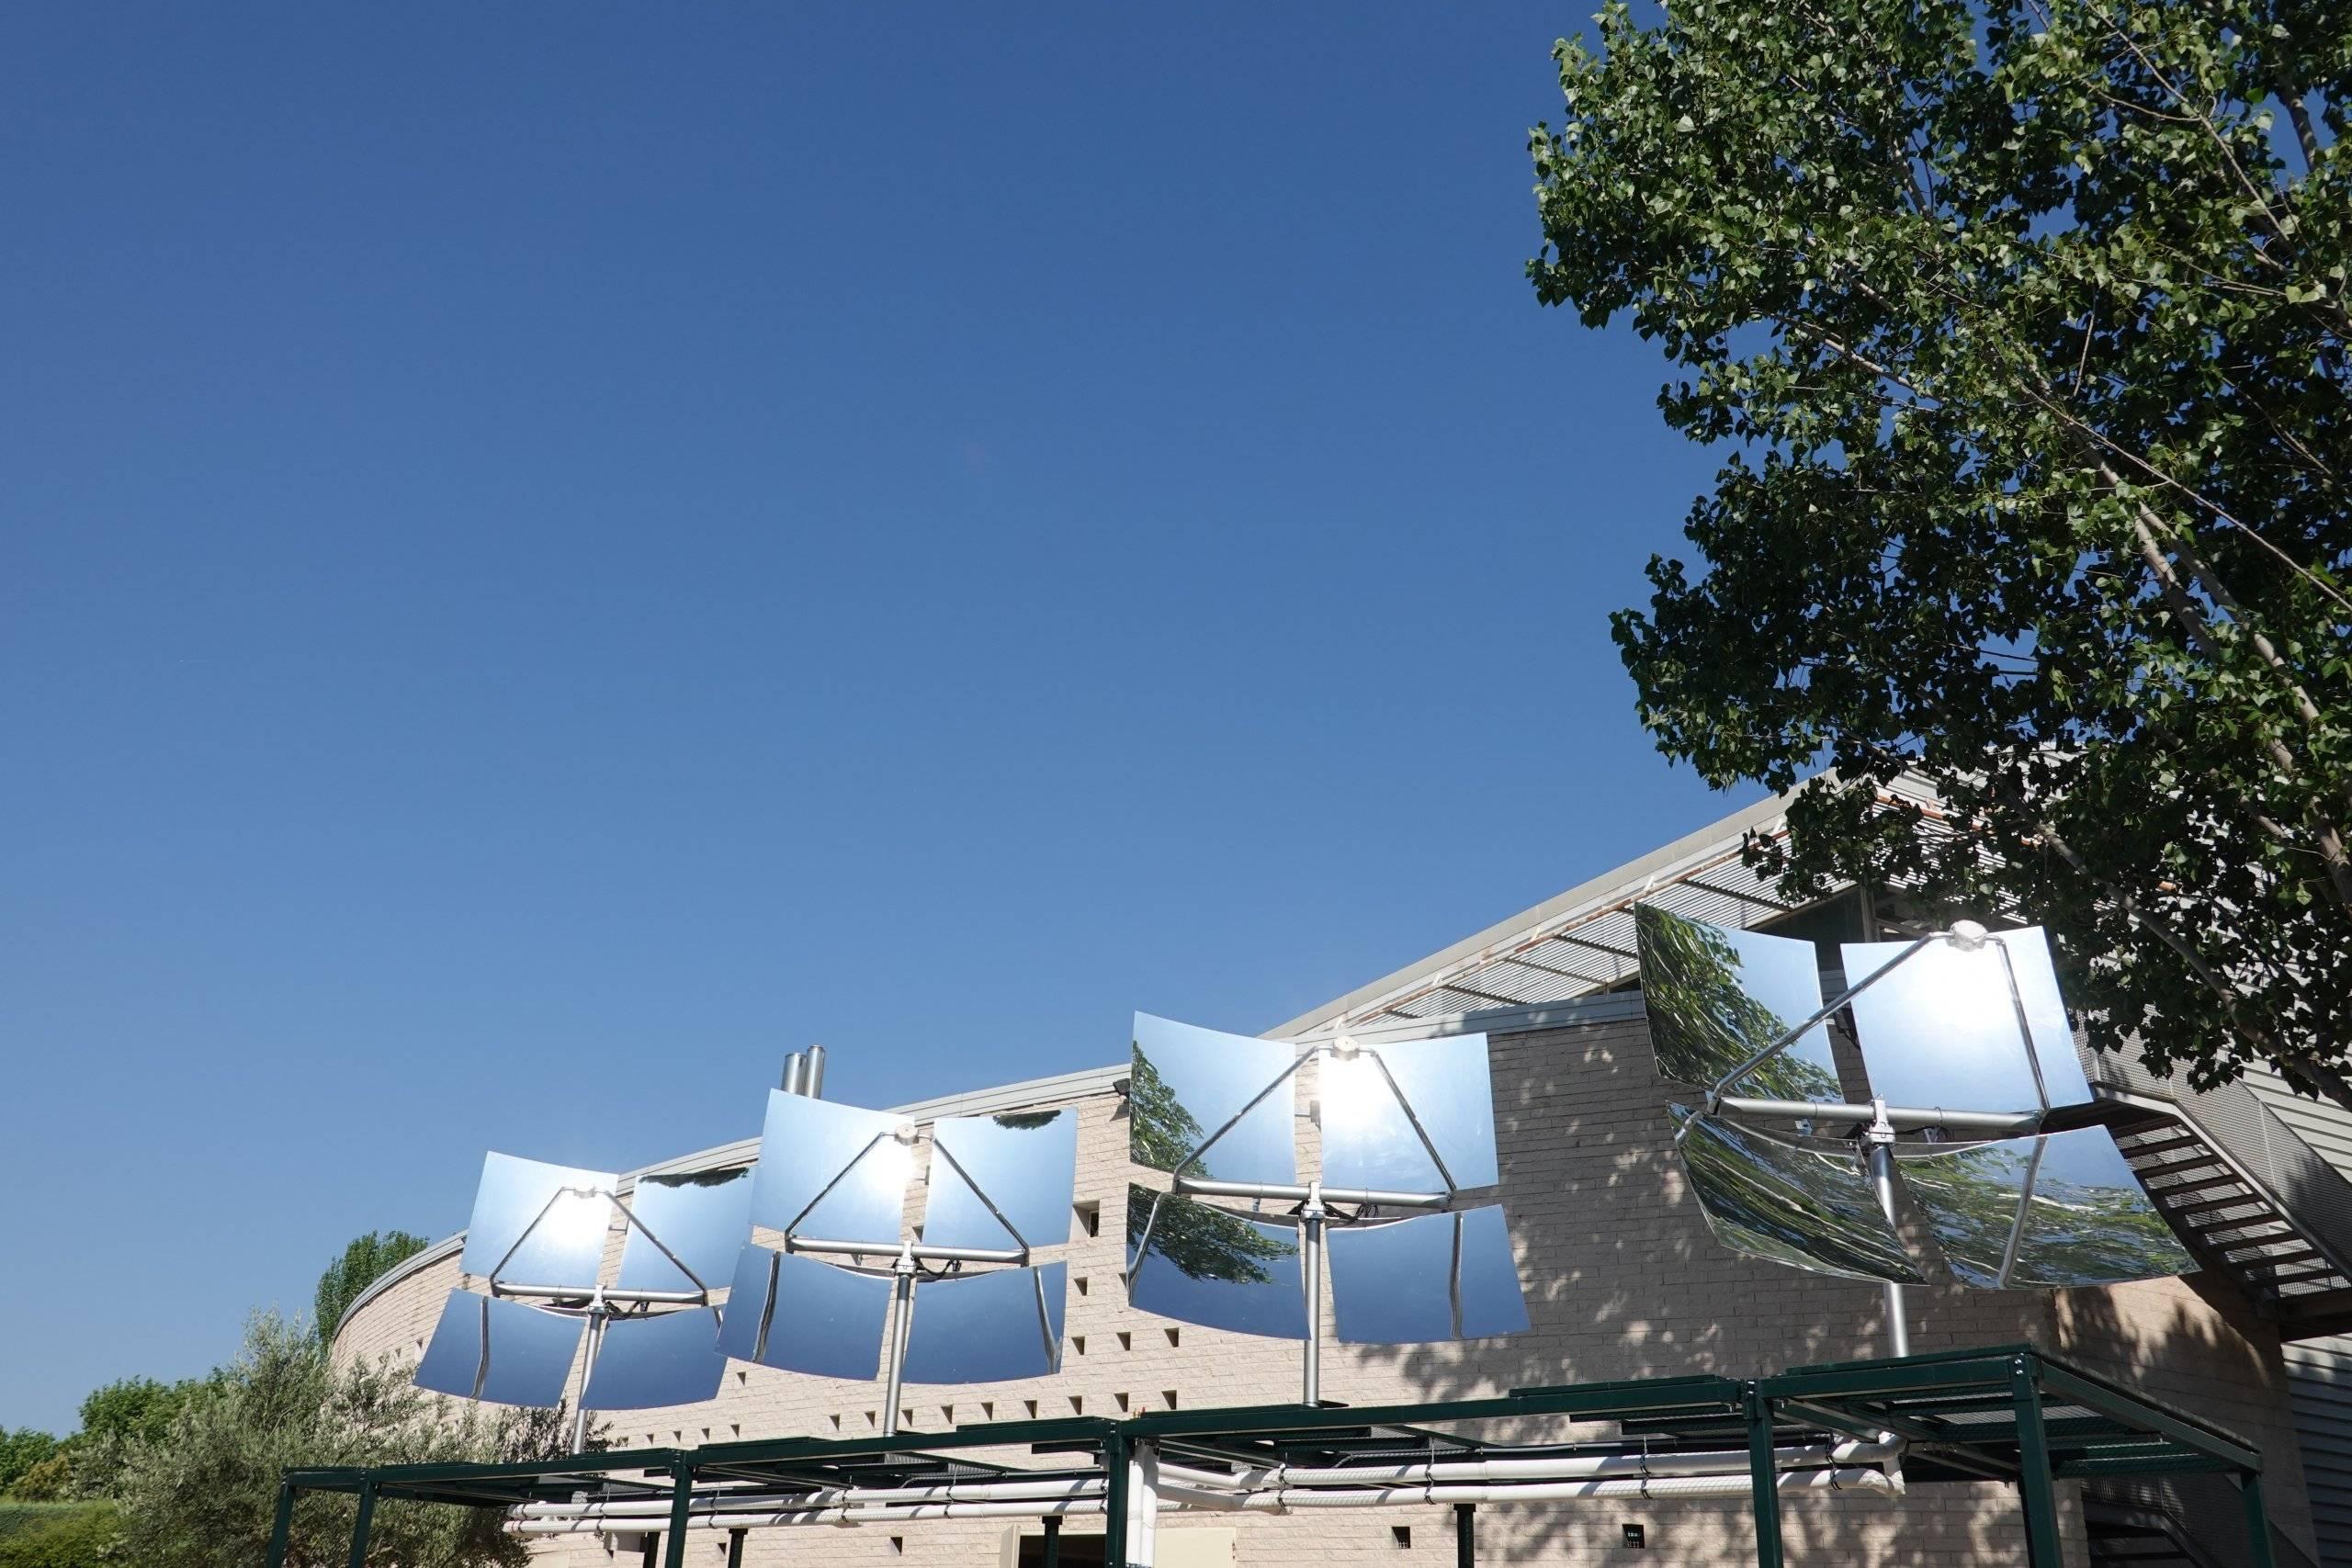 Imagen de los concentradores solares en el Polideportivo Santiago Apóstol.